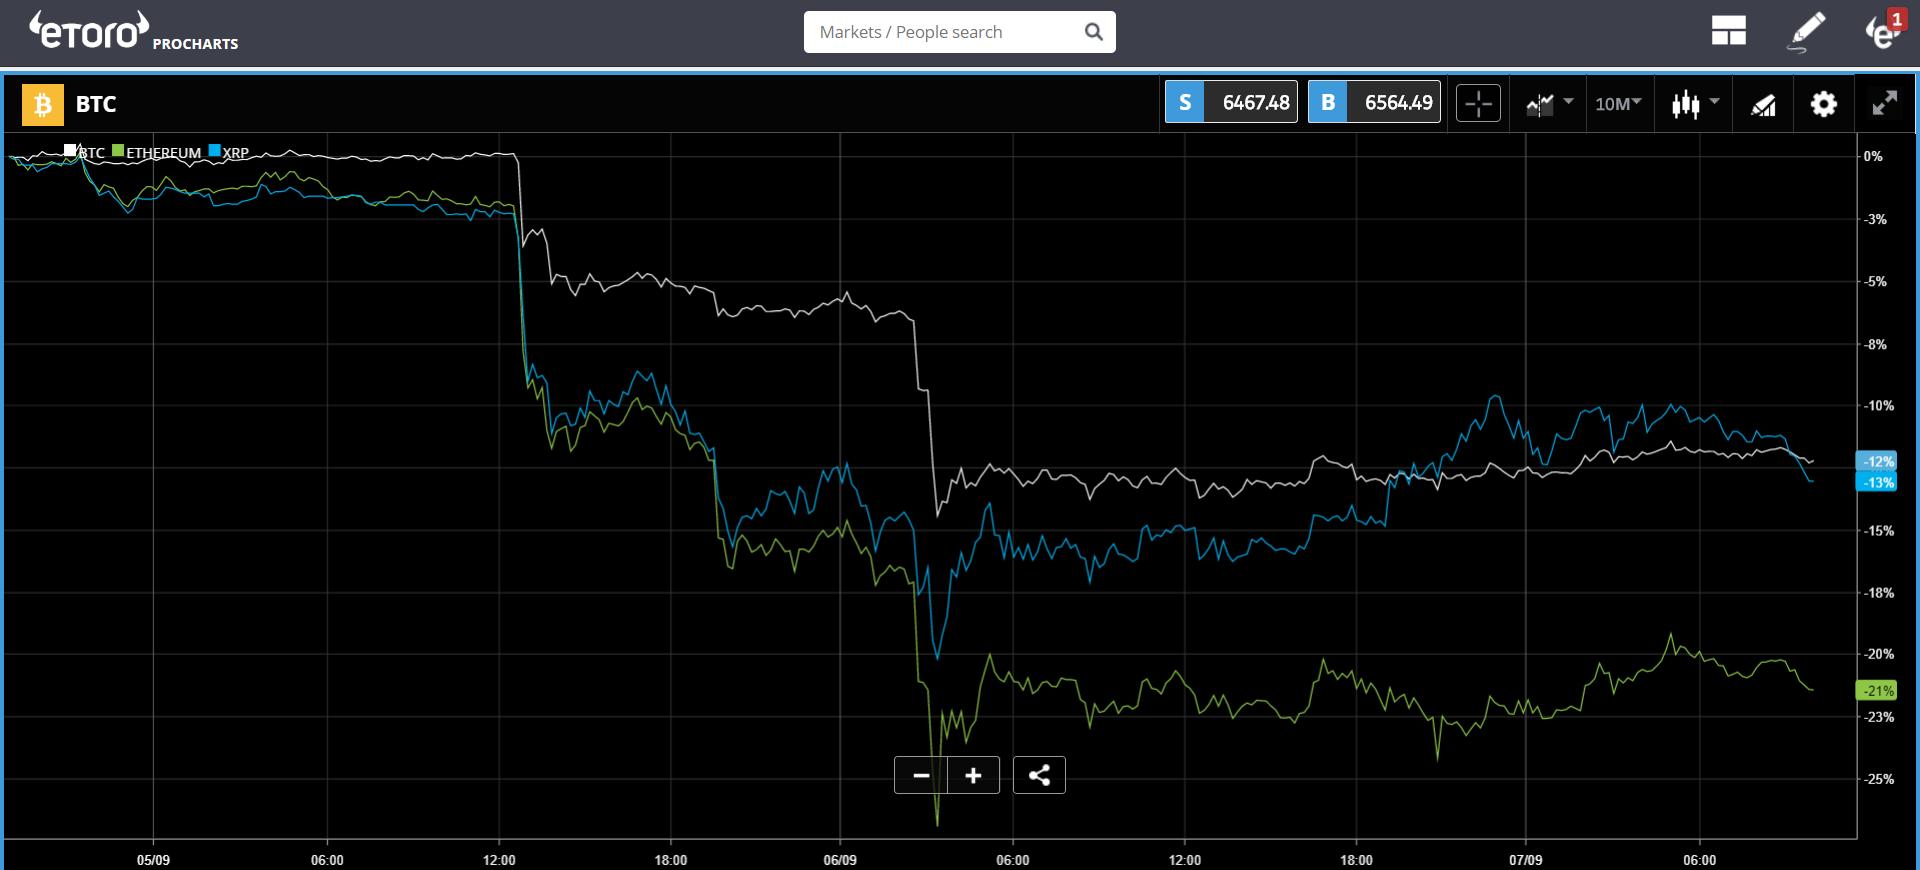 etoro, crypto, markets, trading, news